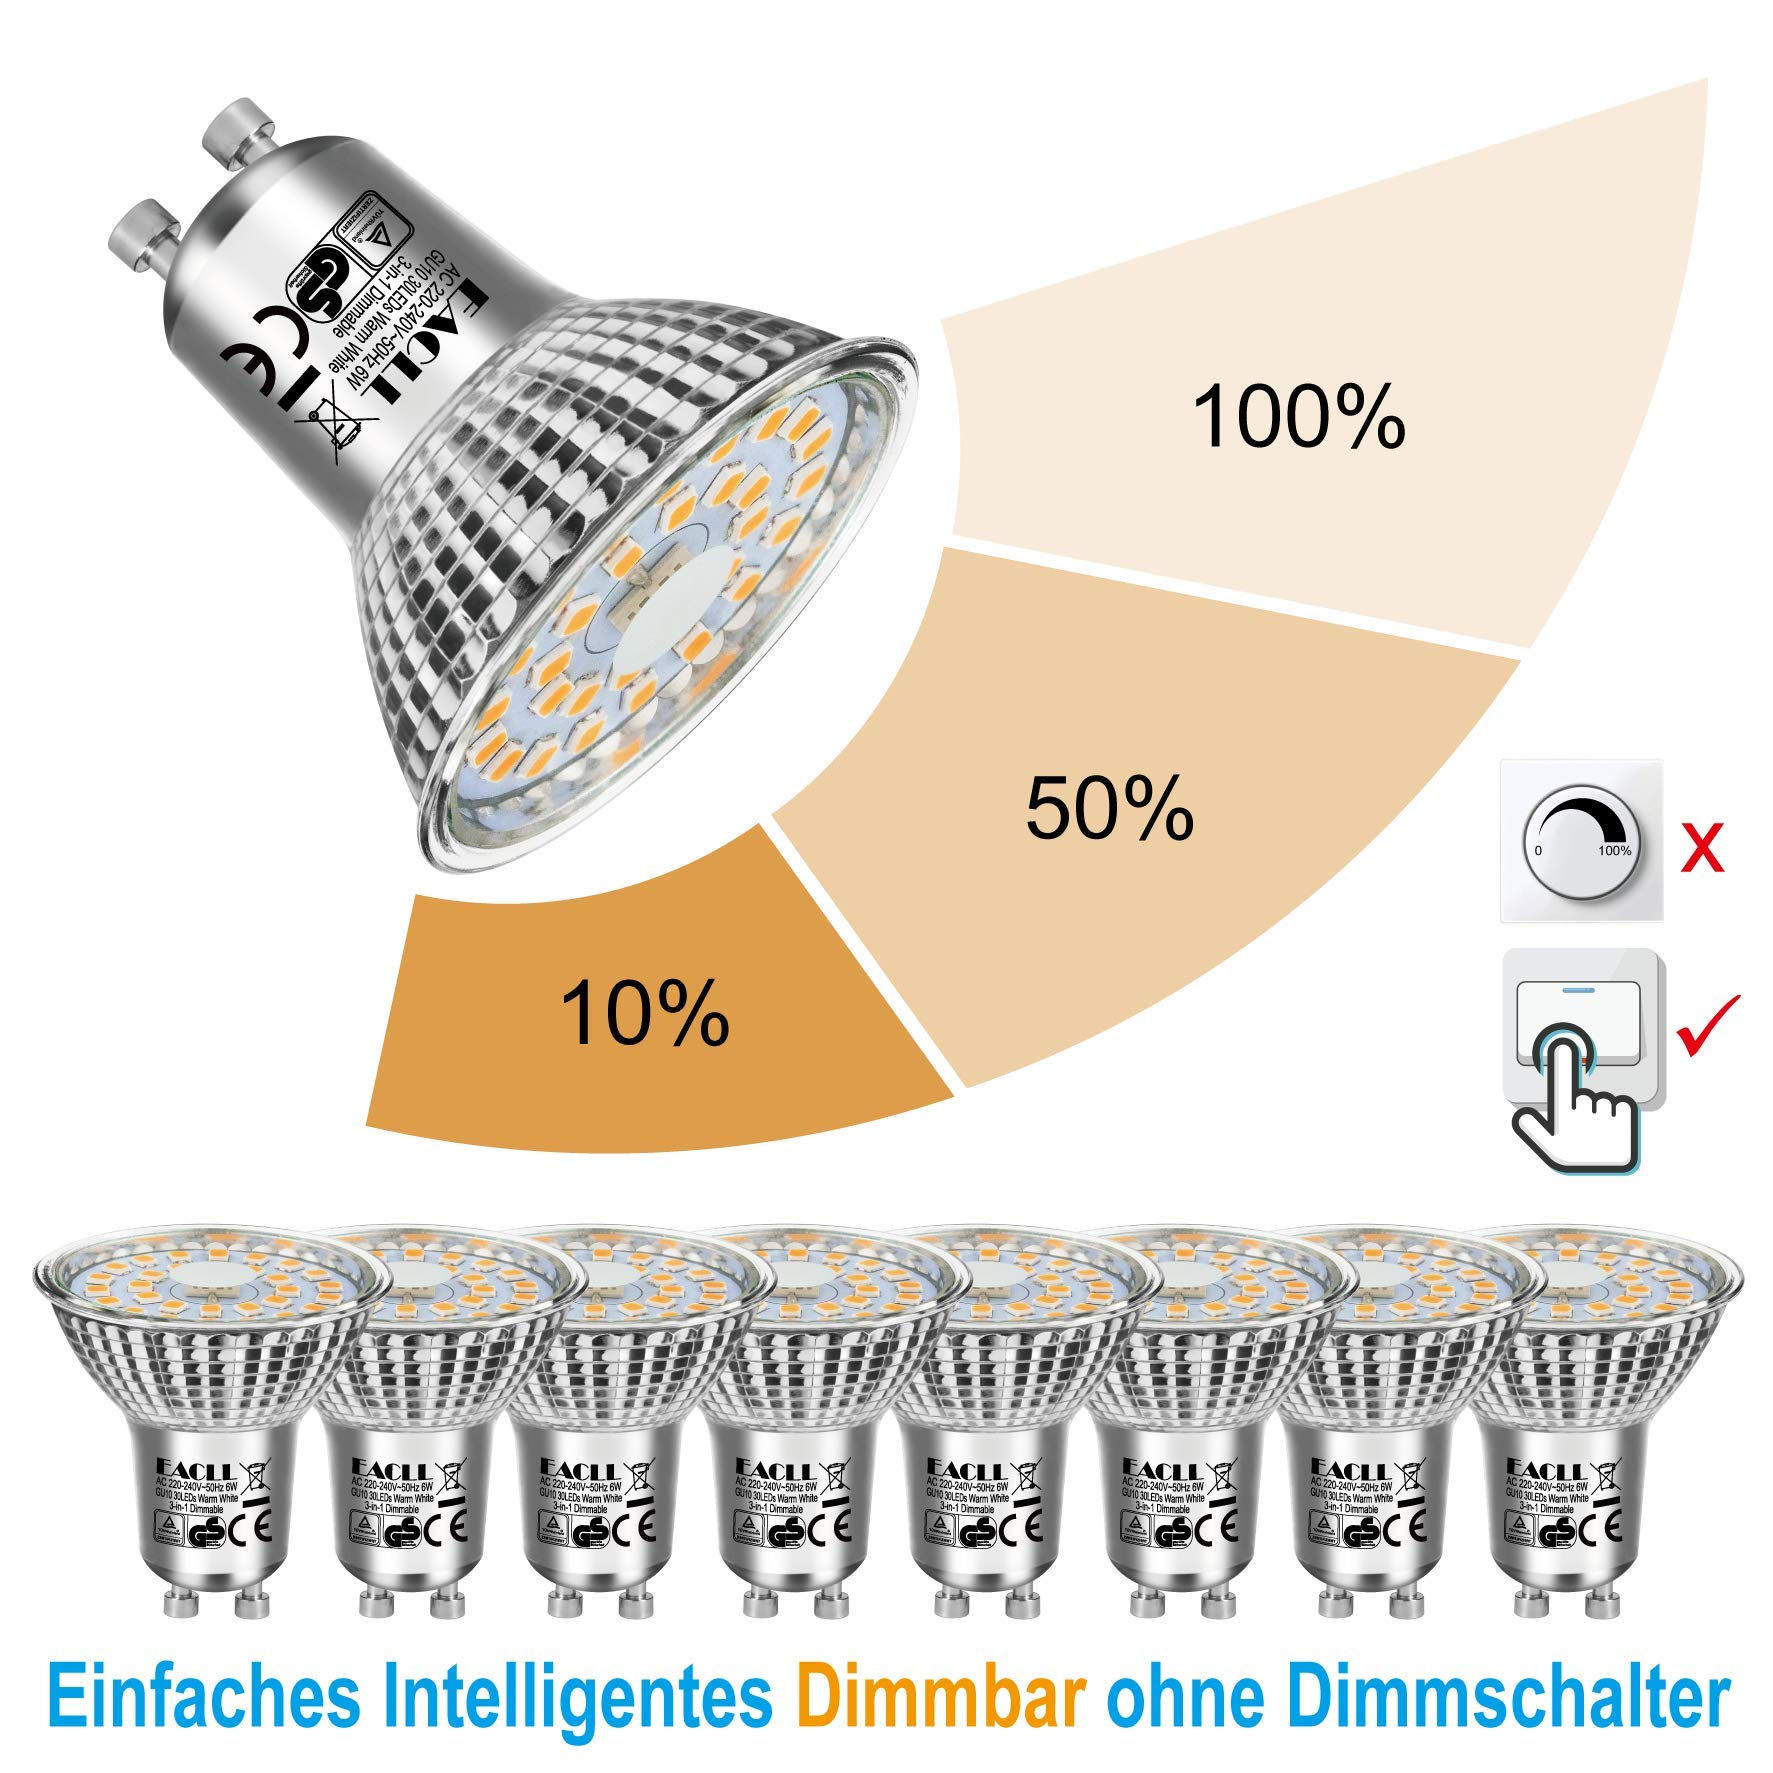 EACLL Bombillas LED GU10 Regulable Blanco Cálido 2700K 6W 570 Lúmenes PAR16 Lámparas, 3-en-1 Ajuste de Luz Sin dimmer. Atenuación de 3 etapas con un interruptor normal. 8 Pack: Amazon.es: Iluminación